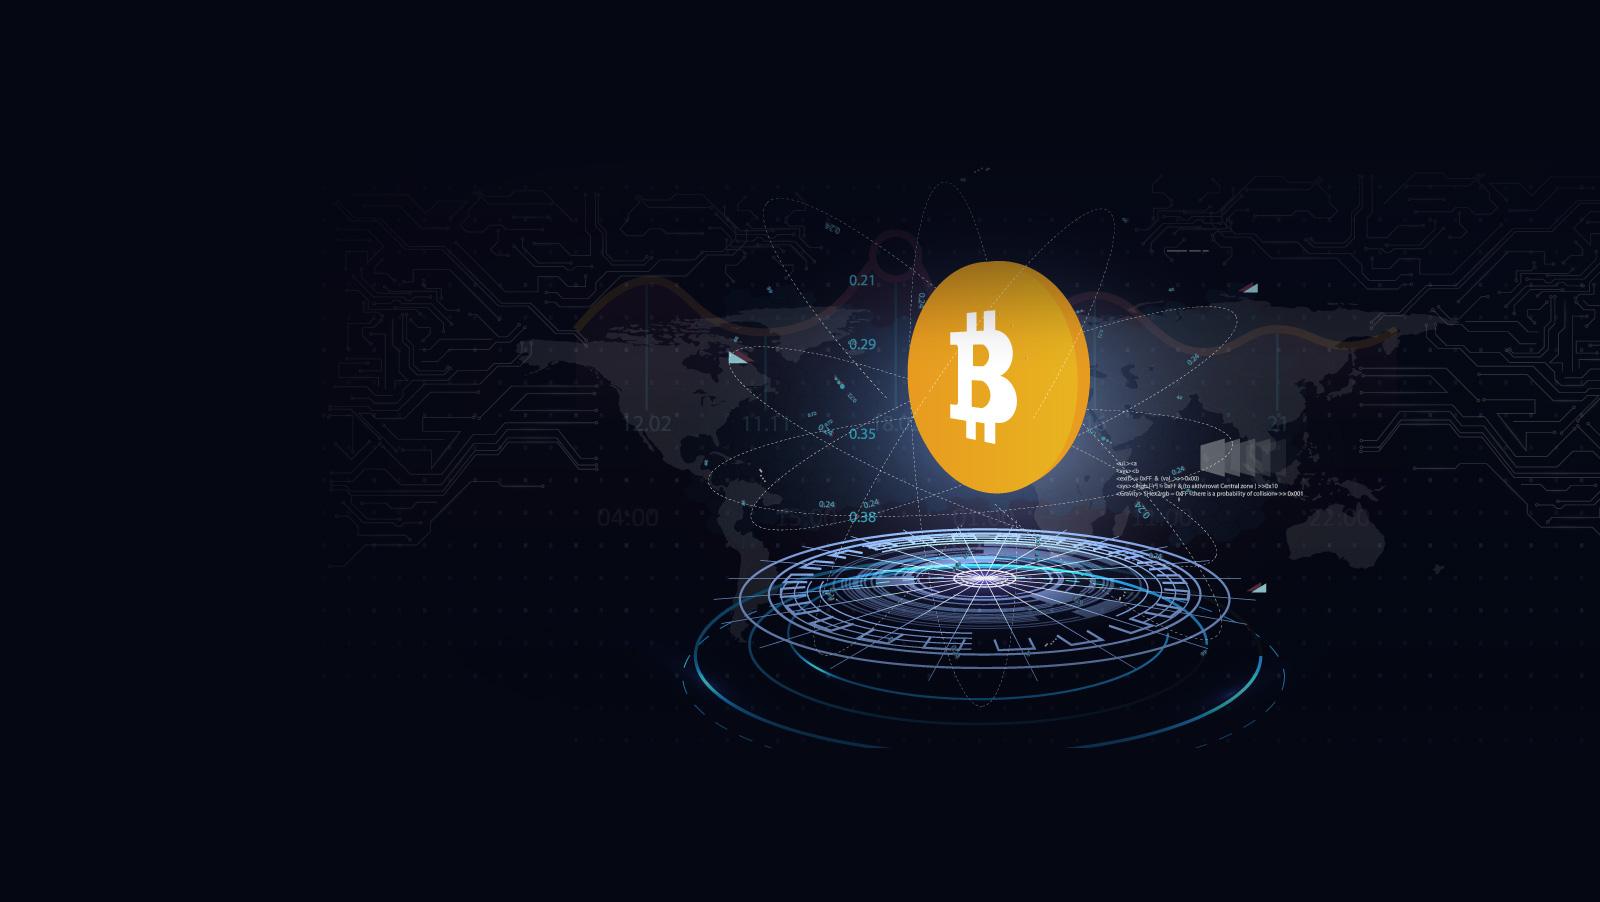 En iyi çevrimiçi bitcoin yuvaları rtp